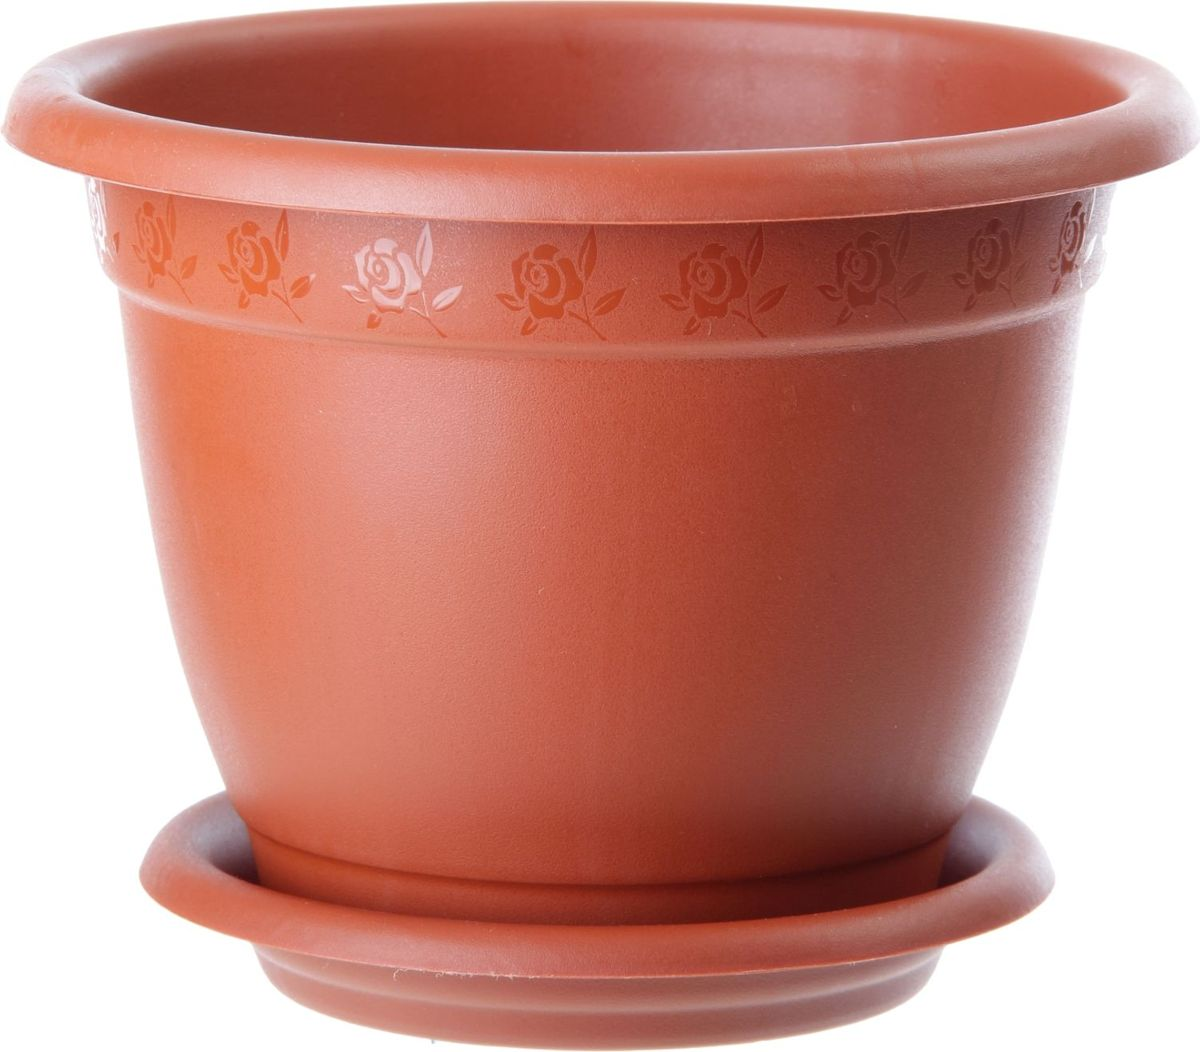 Горшок для цветов InGreen Борнео, с поддоном, цвет: терракотовый, диаметр 19 смKOC_SOL249_G4Любой, даже самый современный и продуманный интерьер будет не завершённым без растений. Они не только очищают воздух и насыщают его кислородом, но и заметно украшают окружающее пространство. Такому полезному &laquo члену семьи&raquoпросто необходимо красивое и функциональное кашпо, оригинальный горшок или необычная ваза! Мы предлагаем - Горшок для цветов d=19 см Борнео 3 л, с подставкой, цвет терракотовый!Оптимальный выбор материала &mdash &nbsp пластмасса! Почему мы так считаем? Малый вес. С лёгкостью переносите горшки и кашпо с места на место, ставьте их на столики или полки, подвешивайте под потолок, не беспокоясь о нагрузке. Простота ухода. Пластиковые изделия не нуждаются в специальных условиях хранения. Их&nbsp легко чистить &mdashдостаточно просто сполоснуть тёплой водой. Никаких царапин. Пластиковые кашпо не царапают и не загрязняют поверхности, на которых стоят. Пластик дольше хранит влагу, а значит &mdashрастение реже нуждается в поливе. Пластмасса не пропускает воздух &mdashкорневой системе растения не грозят резкие перепады температур. Огромный выбор форм, декора и расцветок &mdashвы без труда подберёте что-то, что идеально впишется в уже существующий интерьер.Соблюдая нехитрые правила ухода, вы можете заметно продлить срок службы горшков, вазонов и кашпо из пластика: всегда учитывайте размер кроны и корневой системы растения (при разрастании большое растение способно повредить маленький горшок)берегите изделие от воздействия прямых солнечных лучей, чтобы кашпо и горшки не выцветалидержите кашпо и горшки из пластика подальше от нагревающихся поверхностей.Создавайте прекрасные цветочные композиции, выращивайте рассаду или необычные растения, а низкие цены позволят вам не ограничивать себя в выборе.